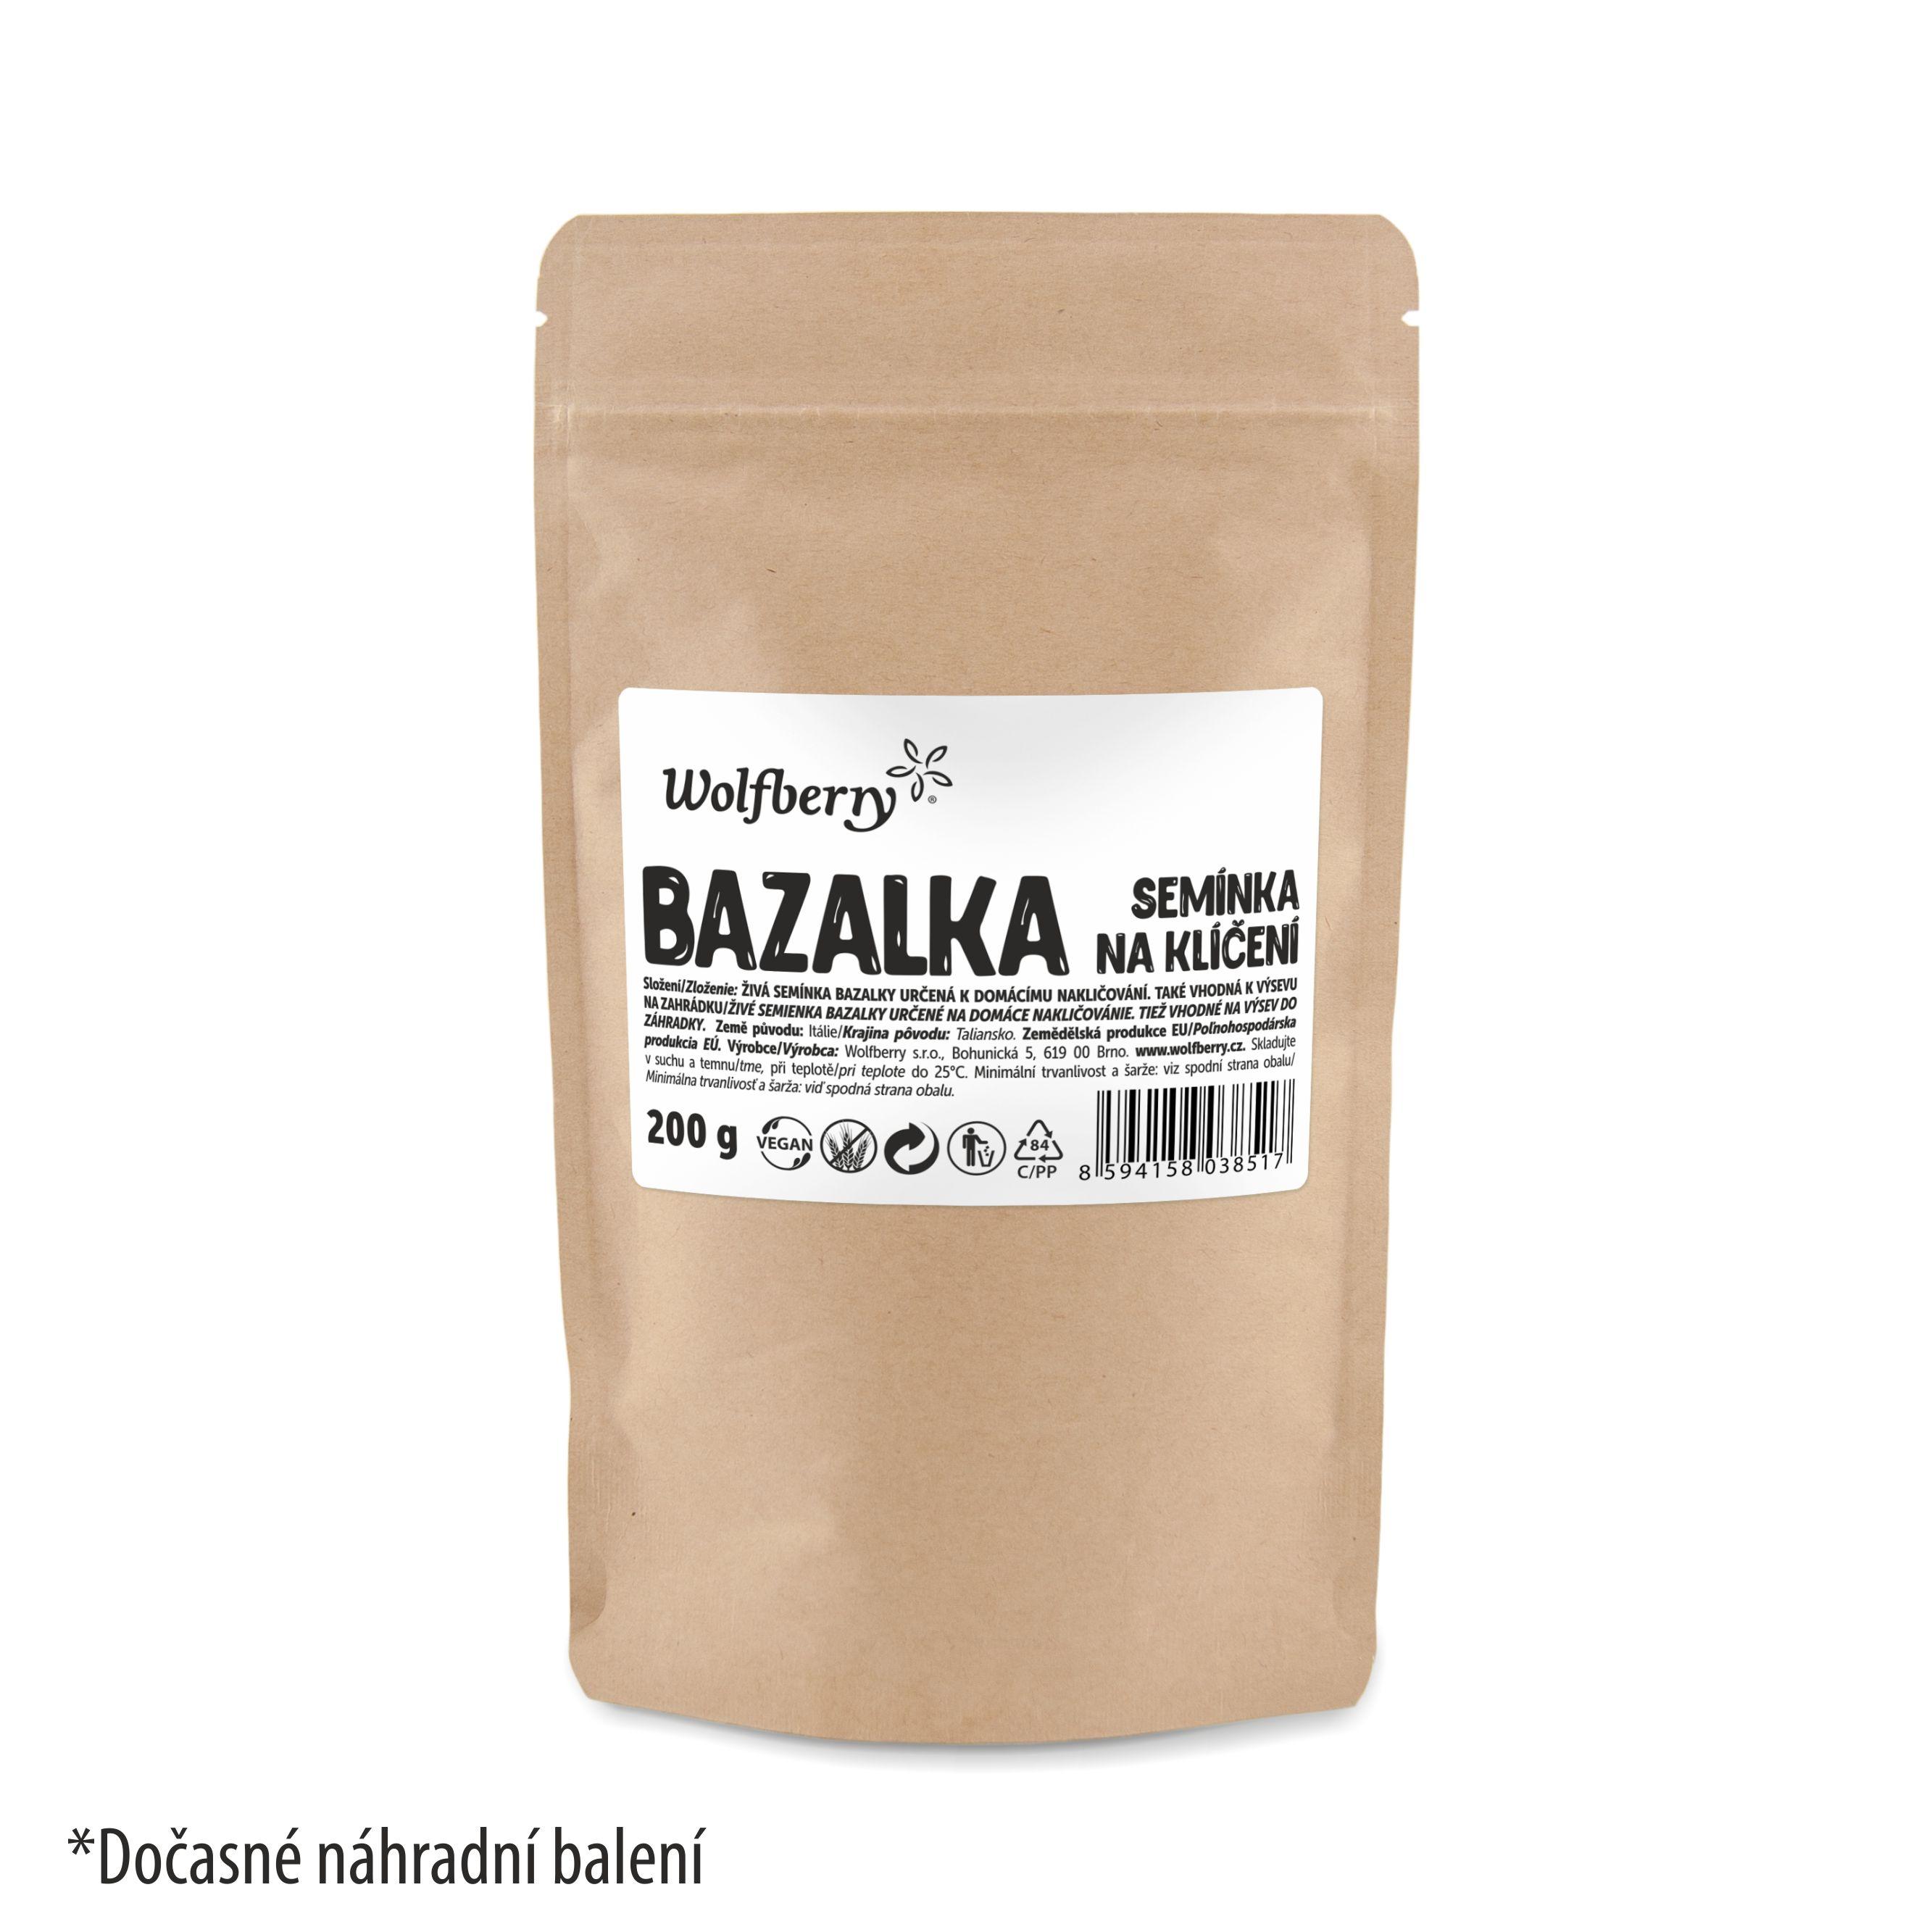 Wolfberry Bazalka semienka na klíčenie 200 g Wolfberry 200 g